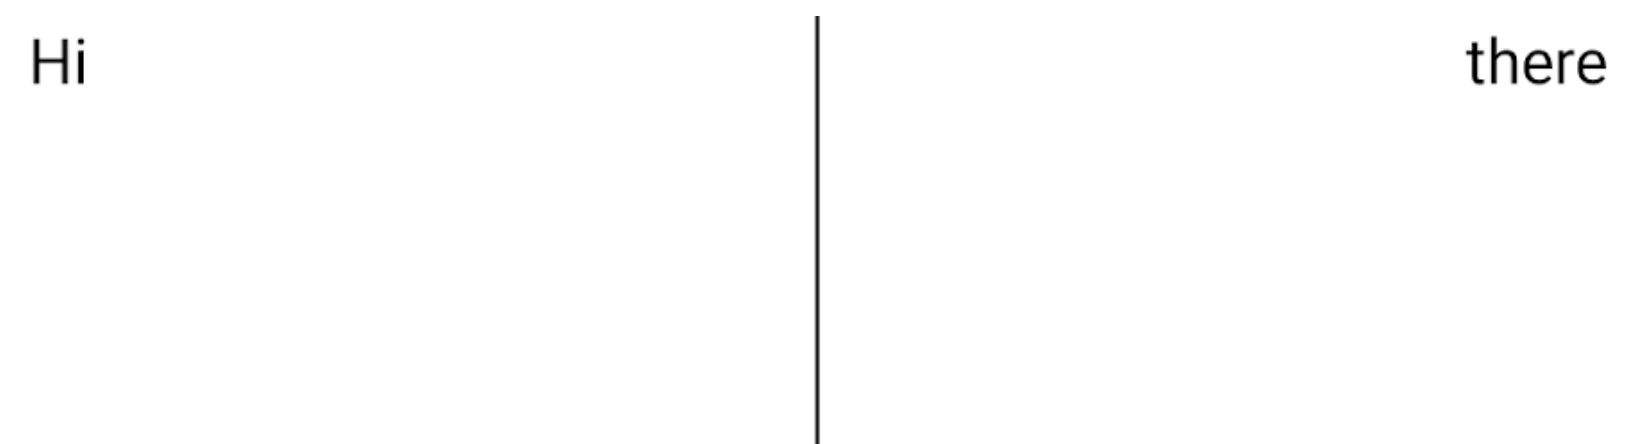 2 つのテキスト要素が横に並び、分割線で区切られていますが、分割線がテキストの下まで伸びています